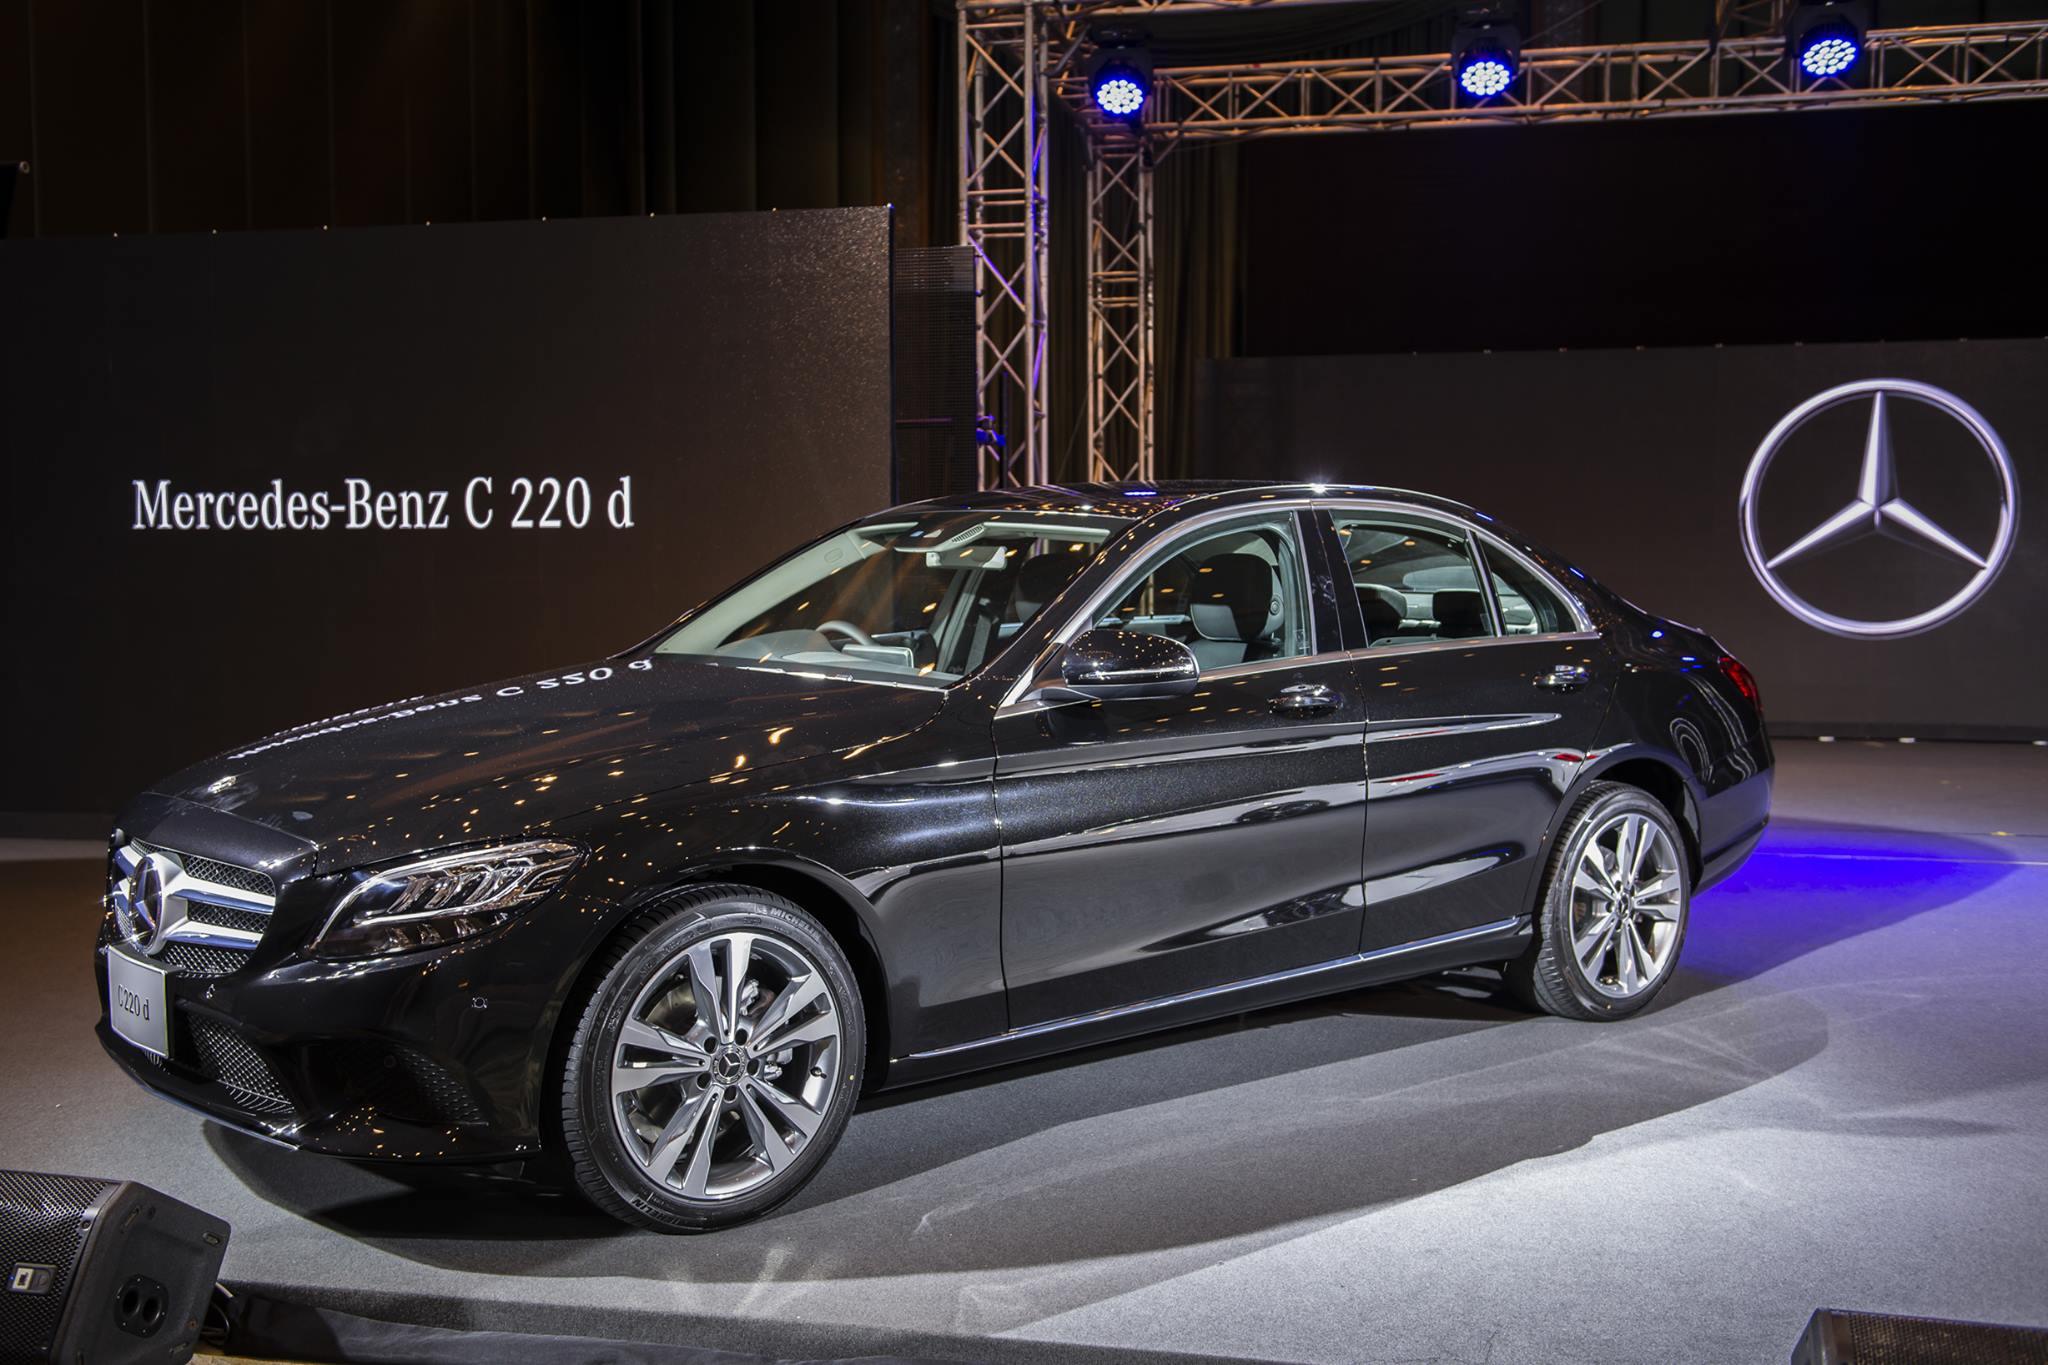 ราคาจริง Mercedes-Benz C 220d Avantgarde ราคา 2.47 ล้านบาท 1